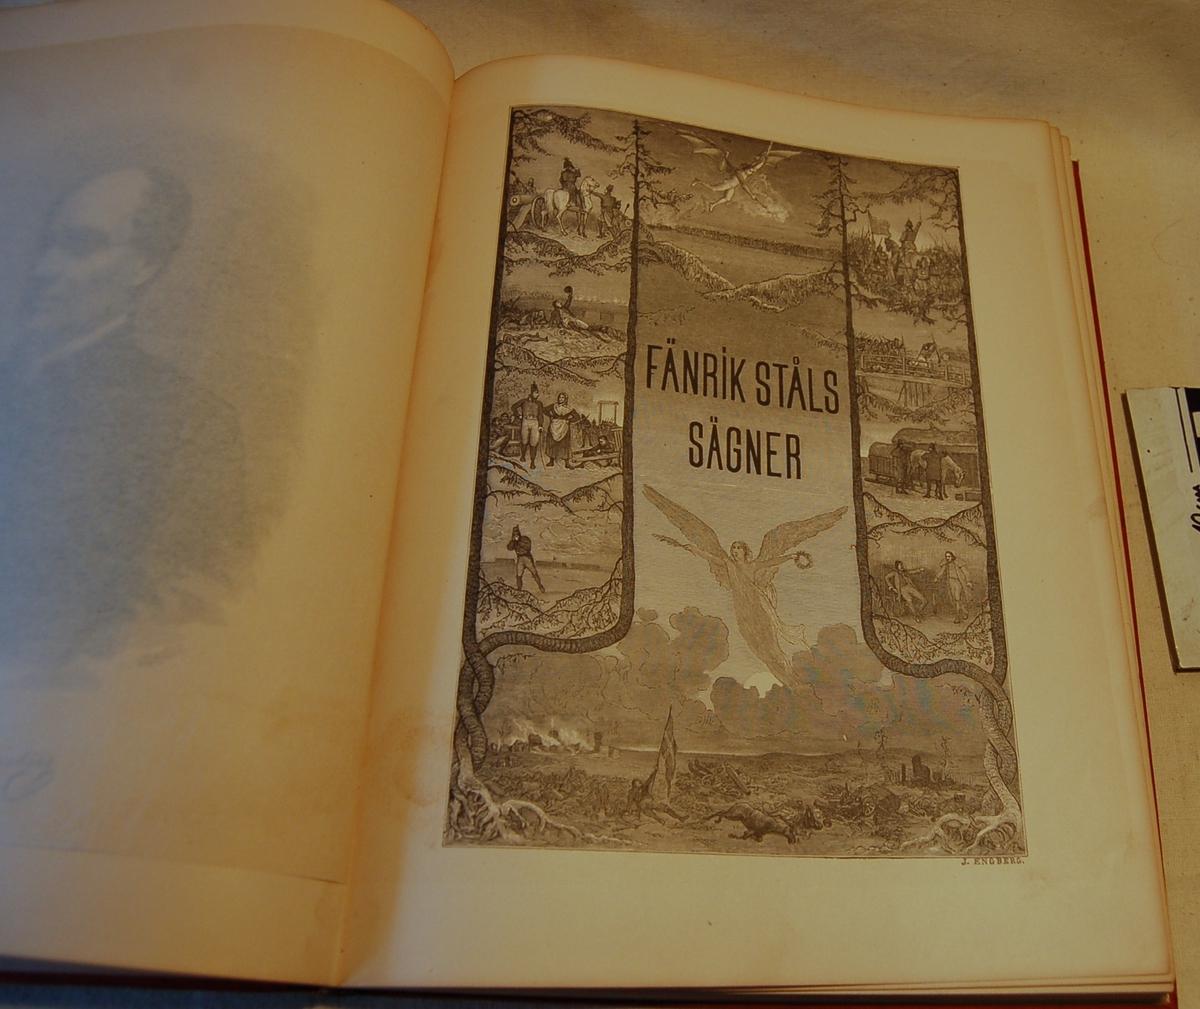 På bokens forside er et motiv av to menn som sitter i samtale i stuen. Rundt dette motivet finnes en bord med mange andre skildringer av bokens innhold